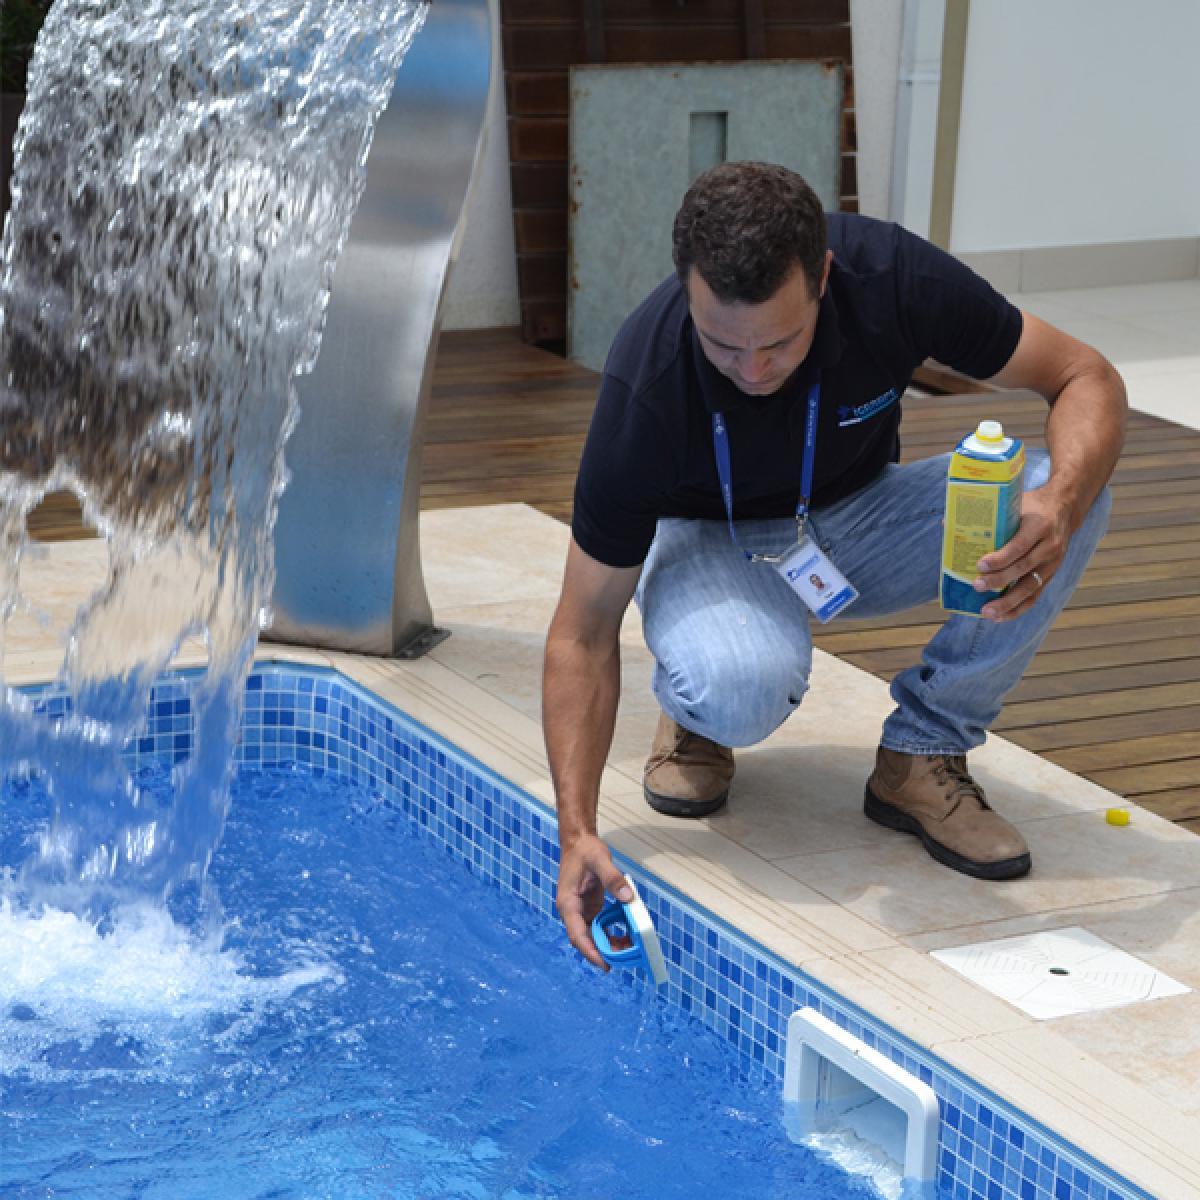 Imagens: Como manter a piscina limpa por mais tempo: 4 dicas simples